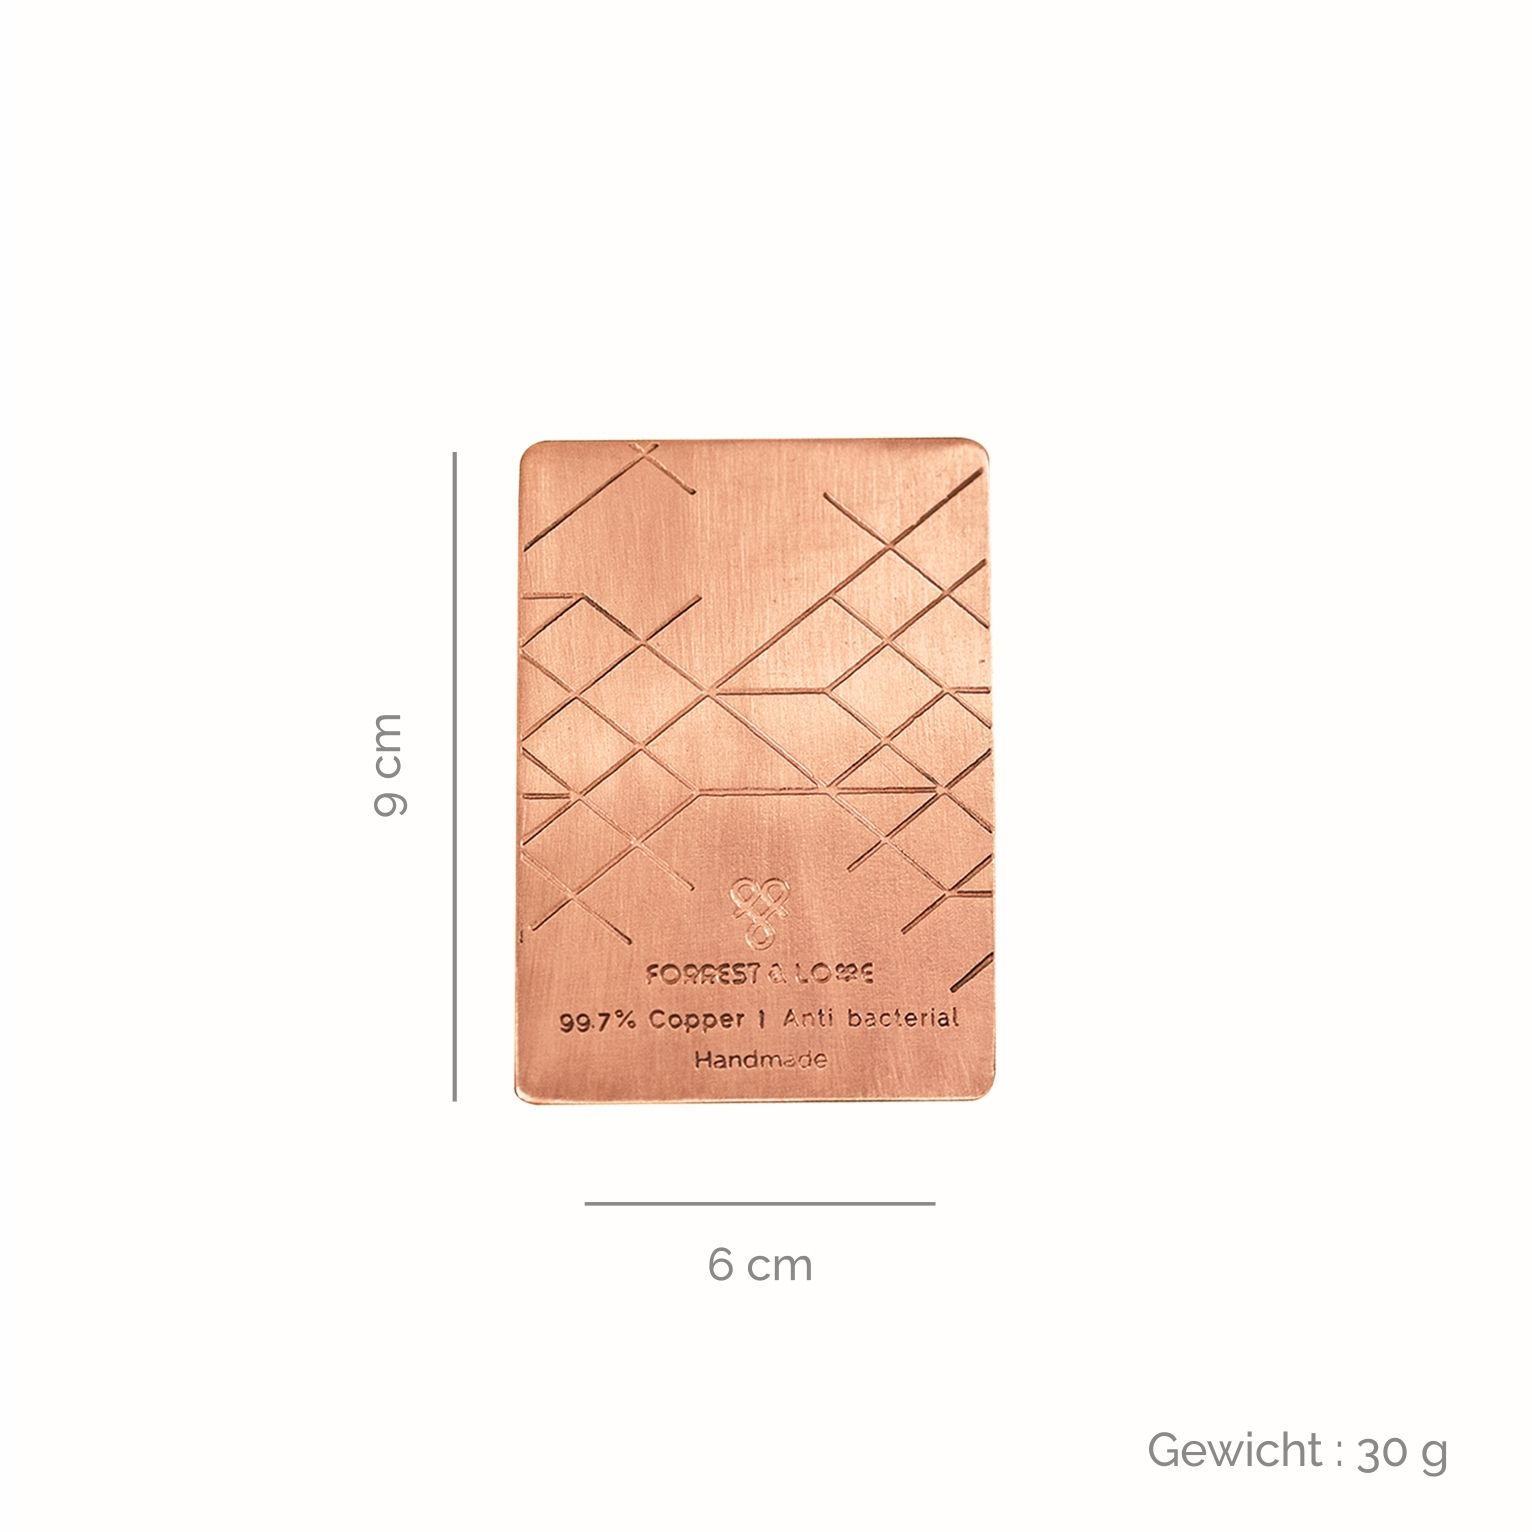 copper patch_G-W